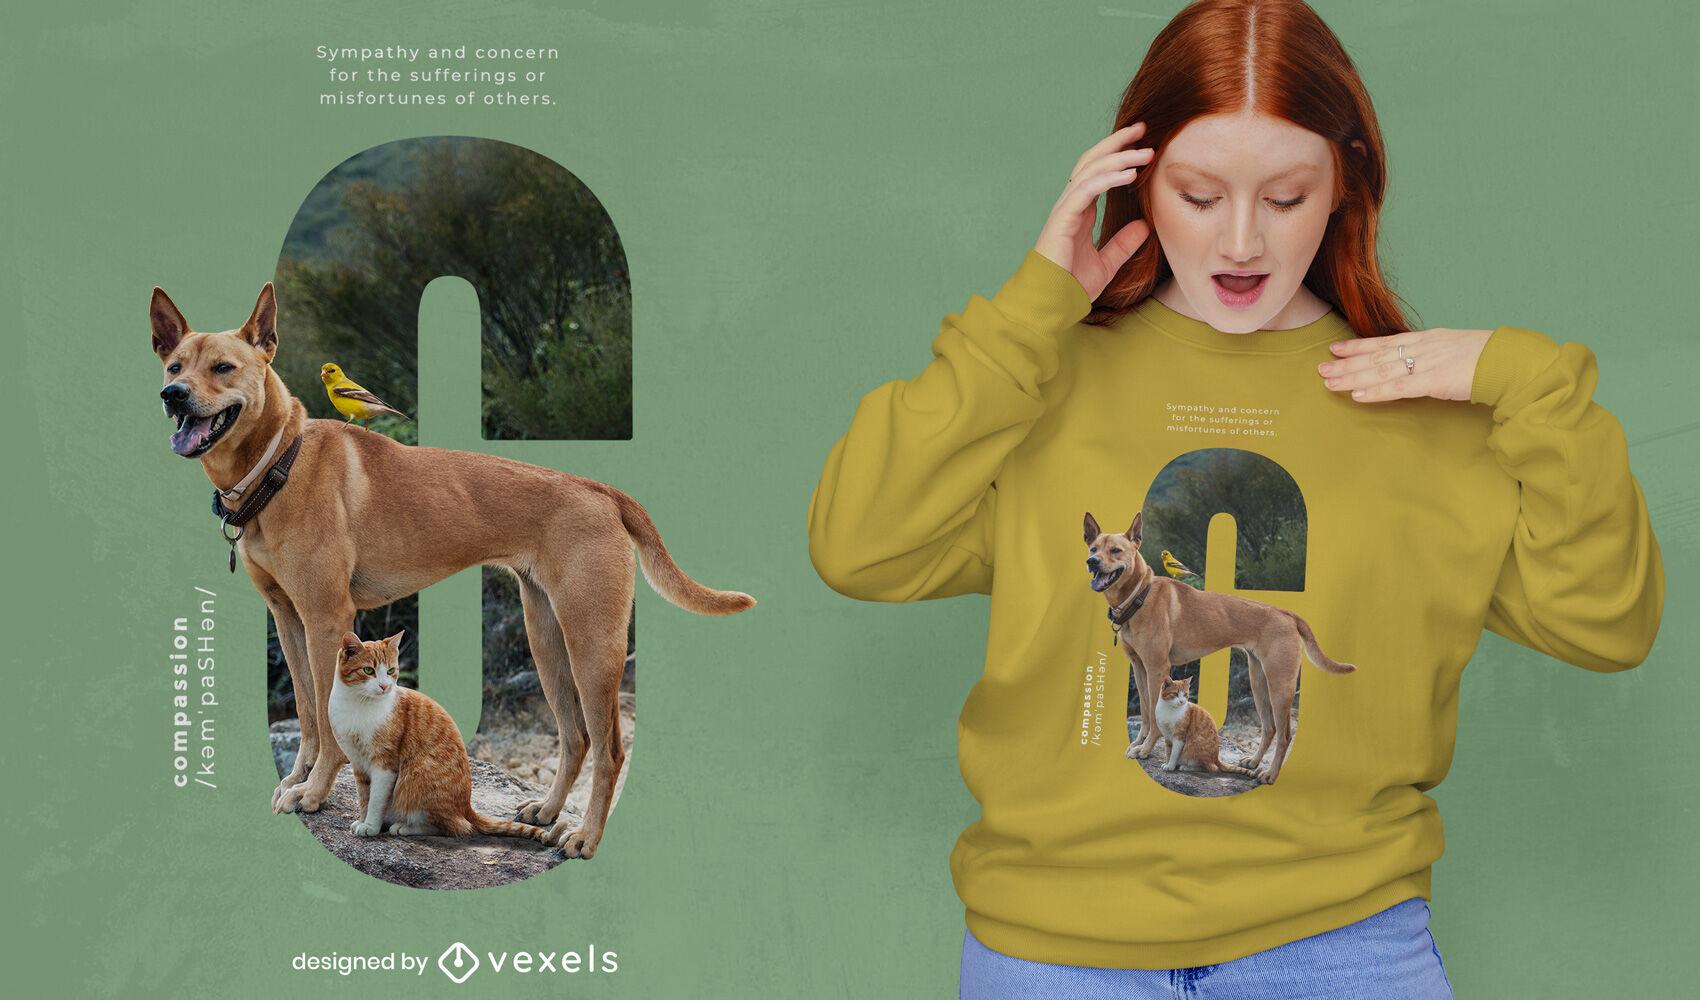 Diseño de camiseta psd de compasión de perros y gatos.